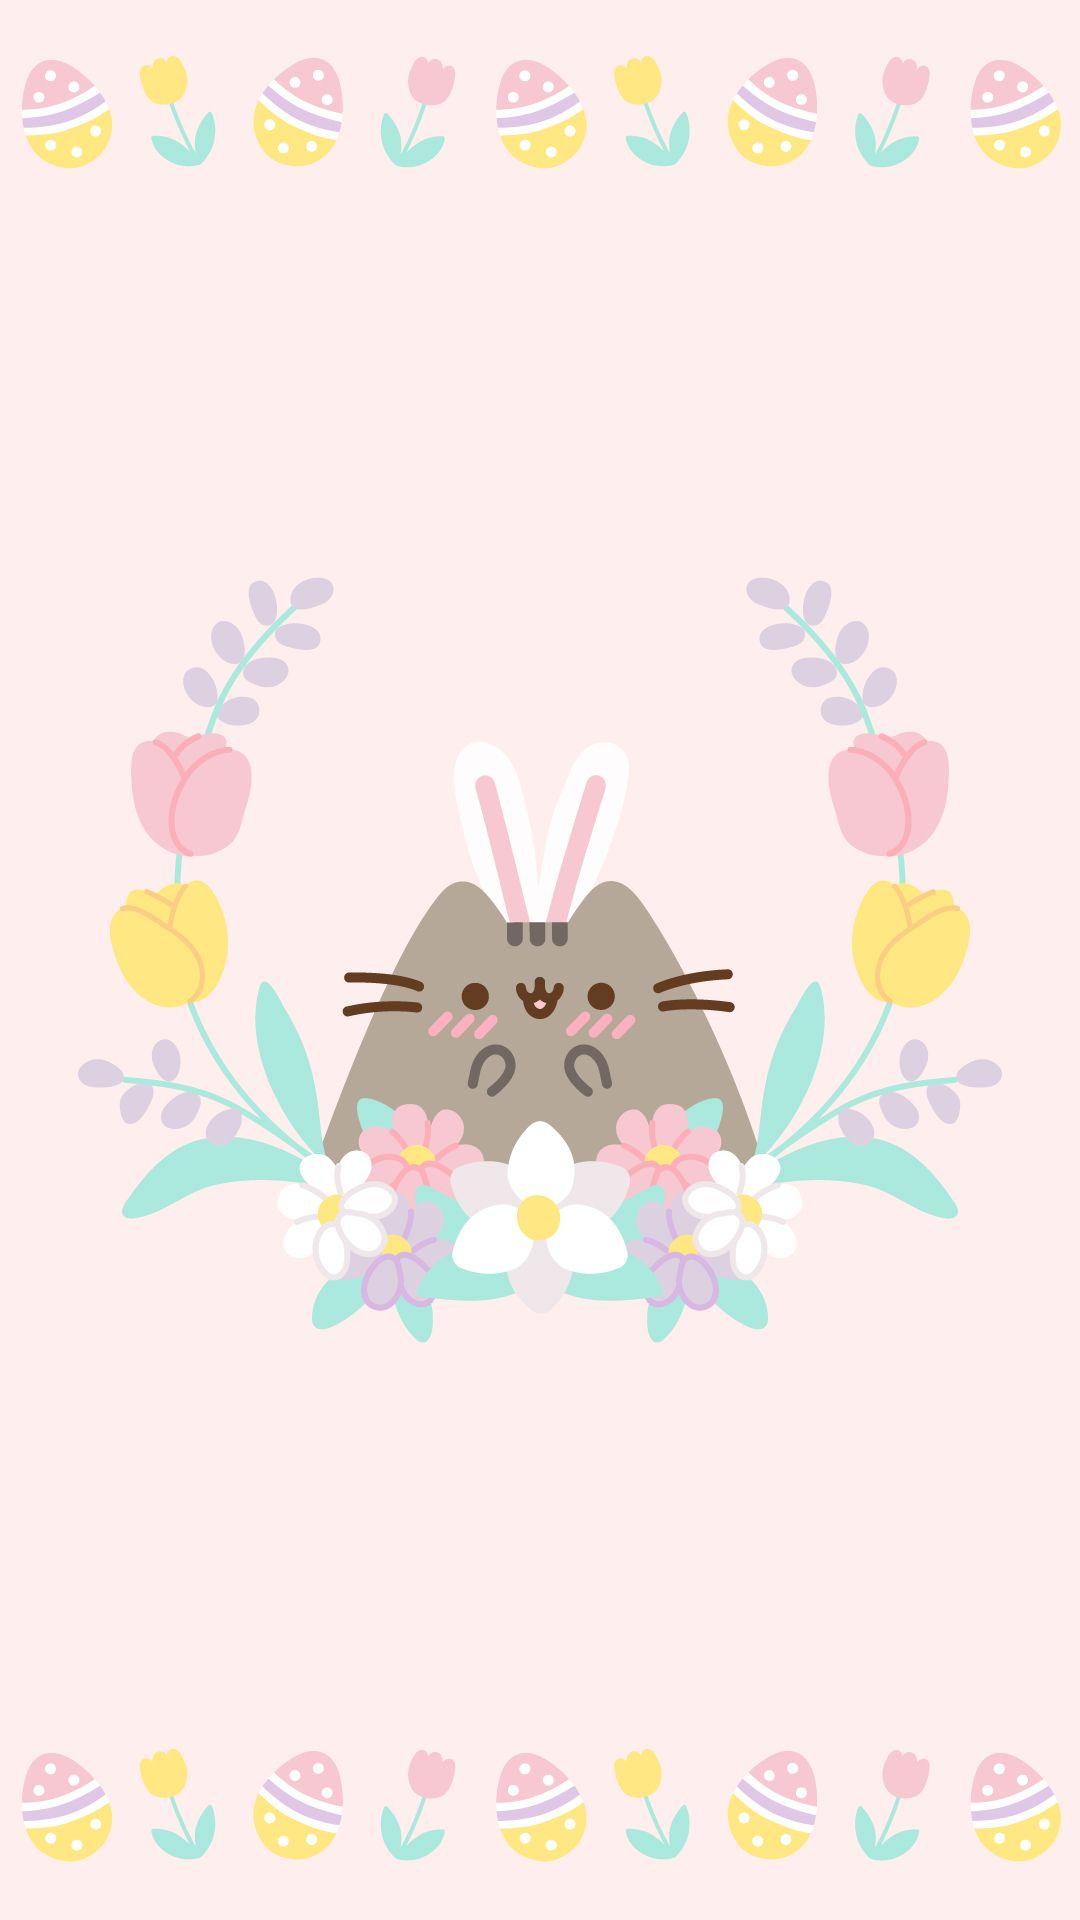 Cute Easter Pusheen Wallpaper Pusheen Cute Kawaii Wallpaper Cute Cartoon Wallpapers